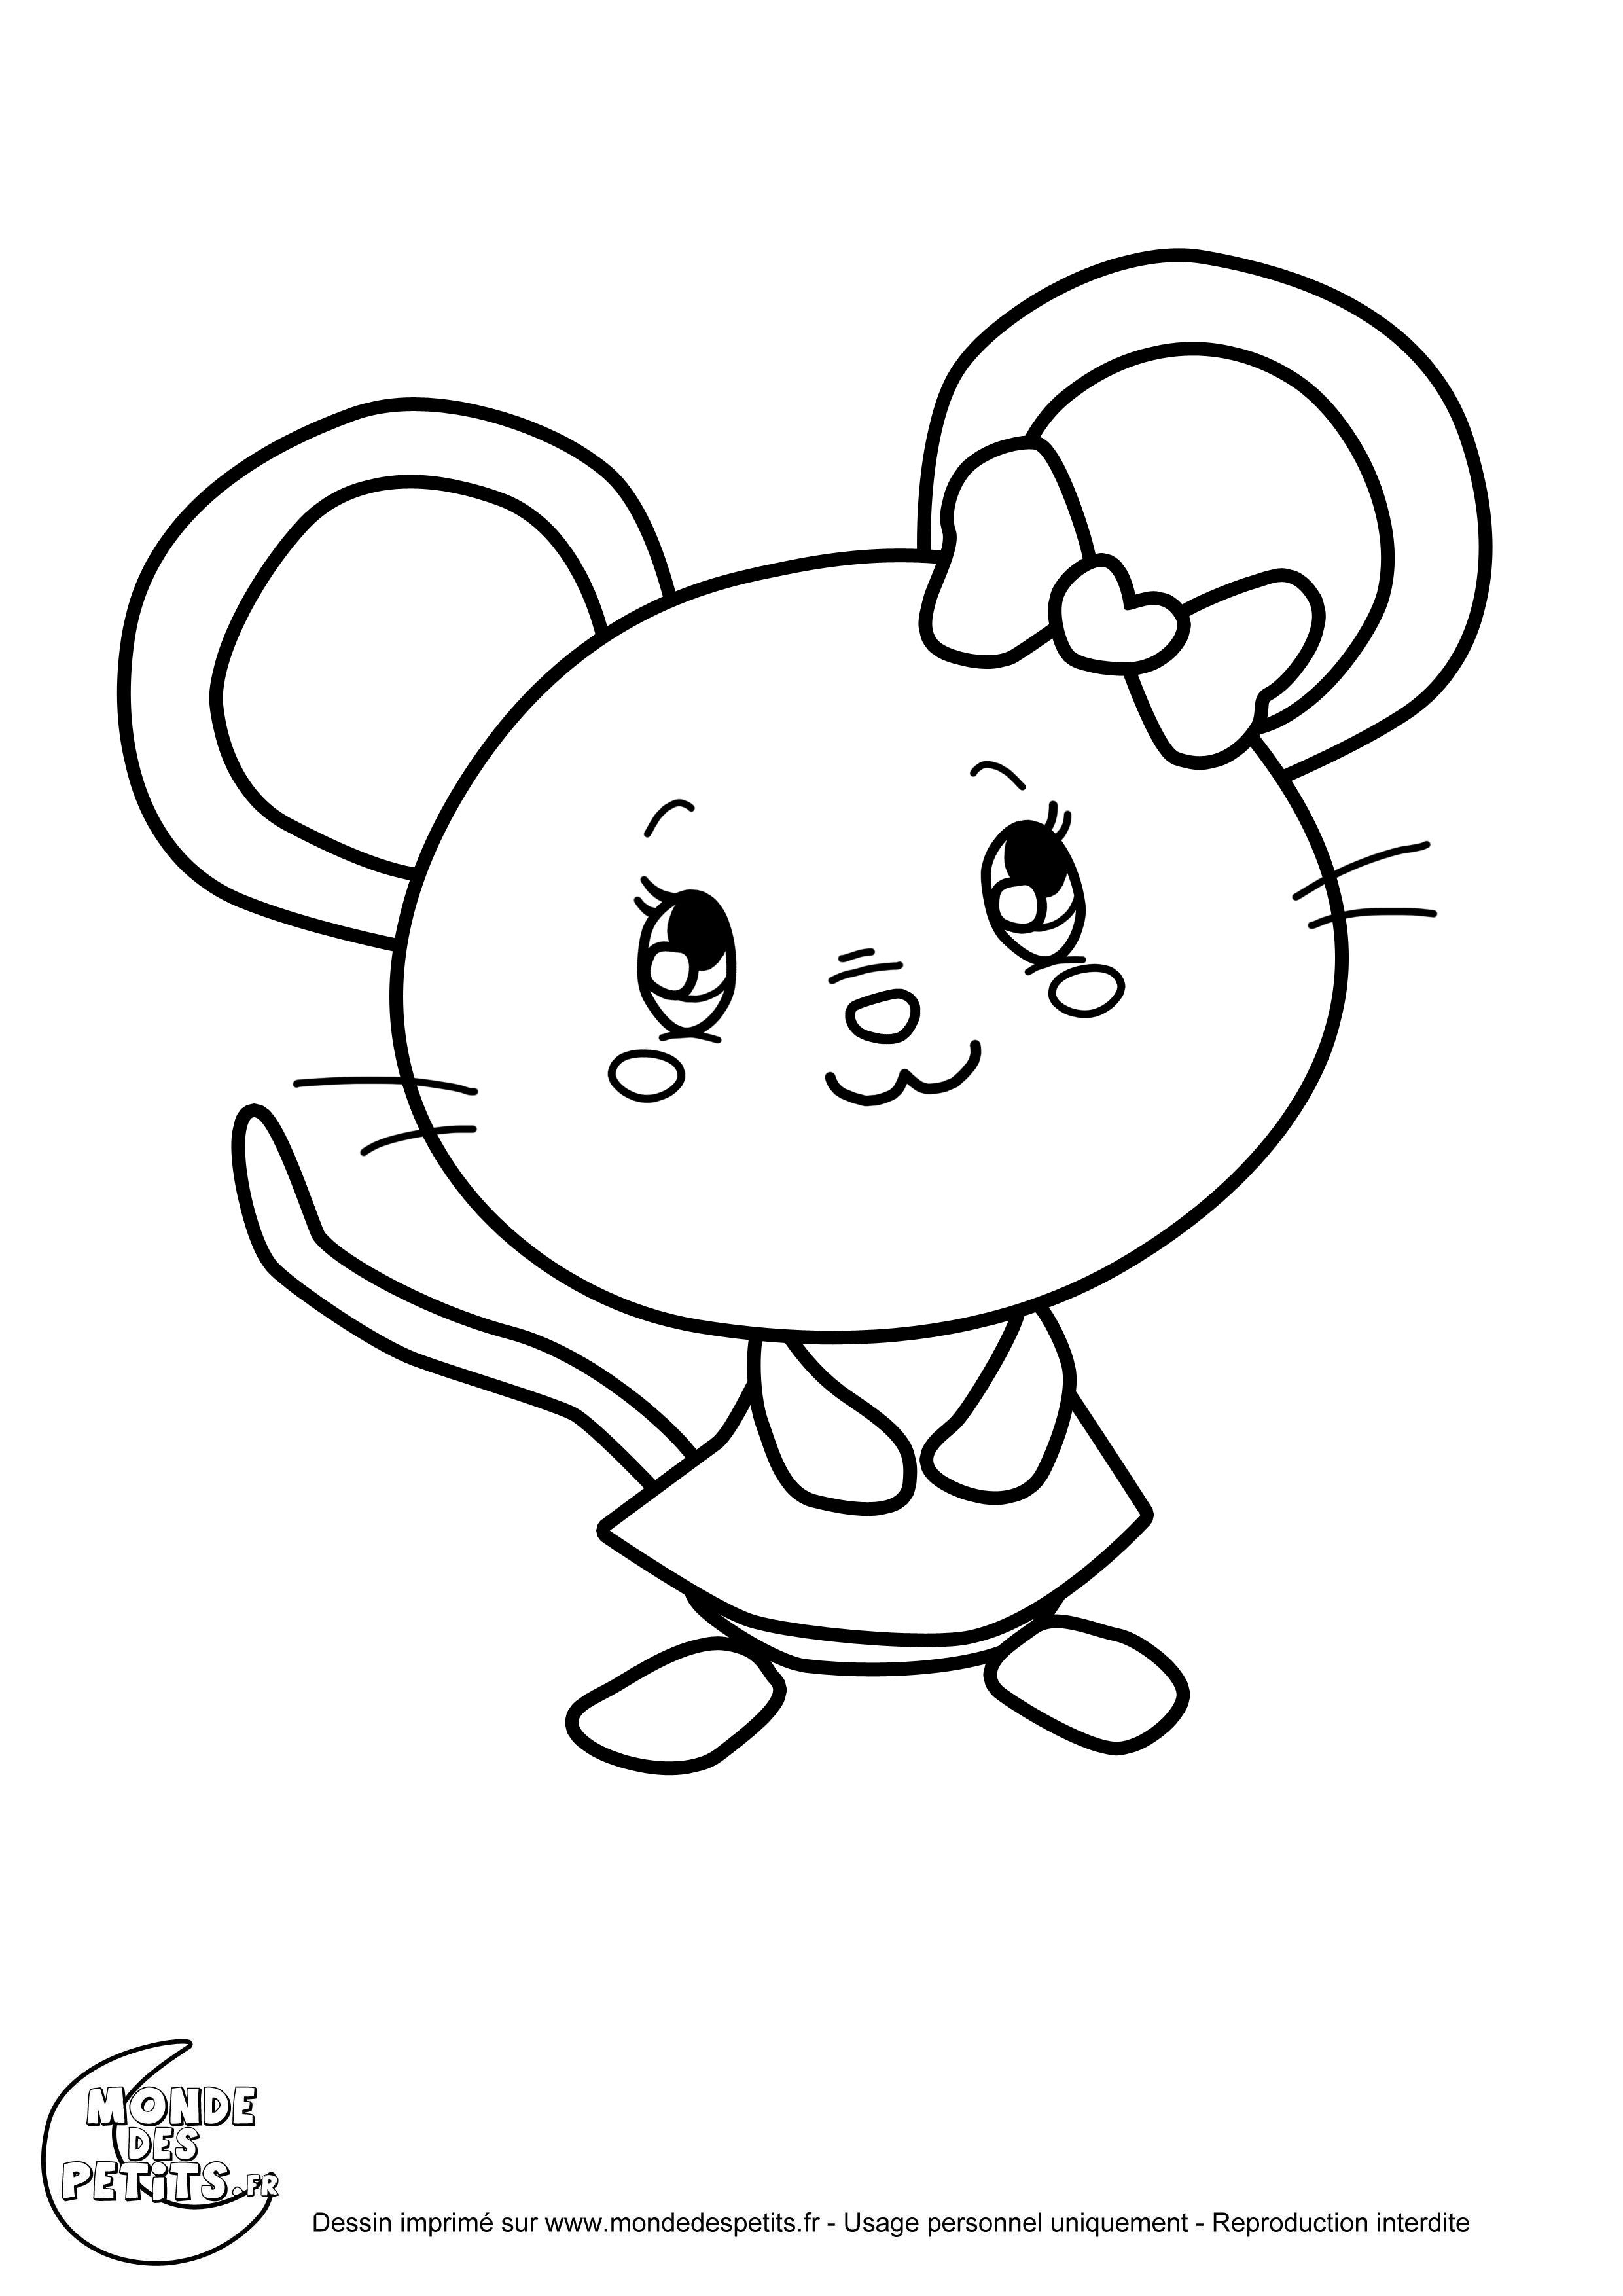 Monde des petits coloriages imprimer - Dessin de petite souris ...